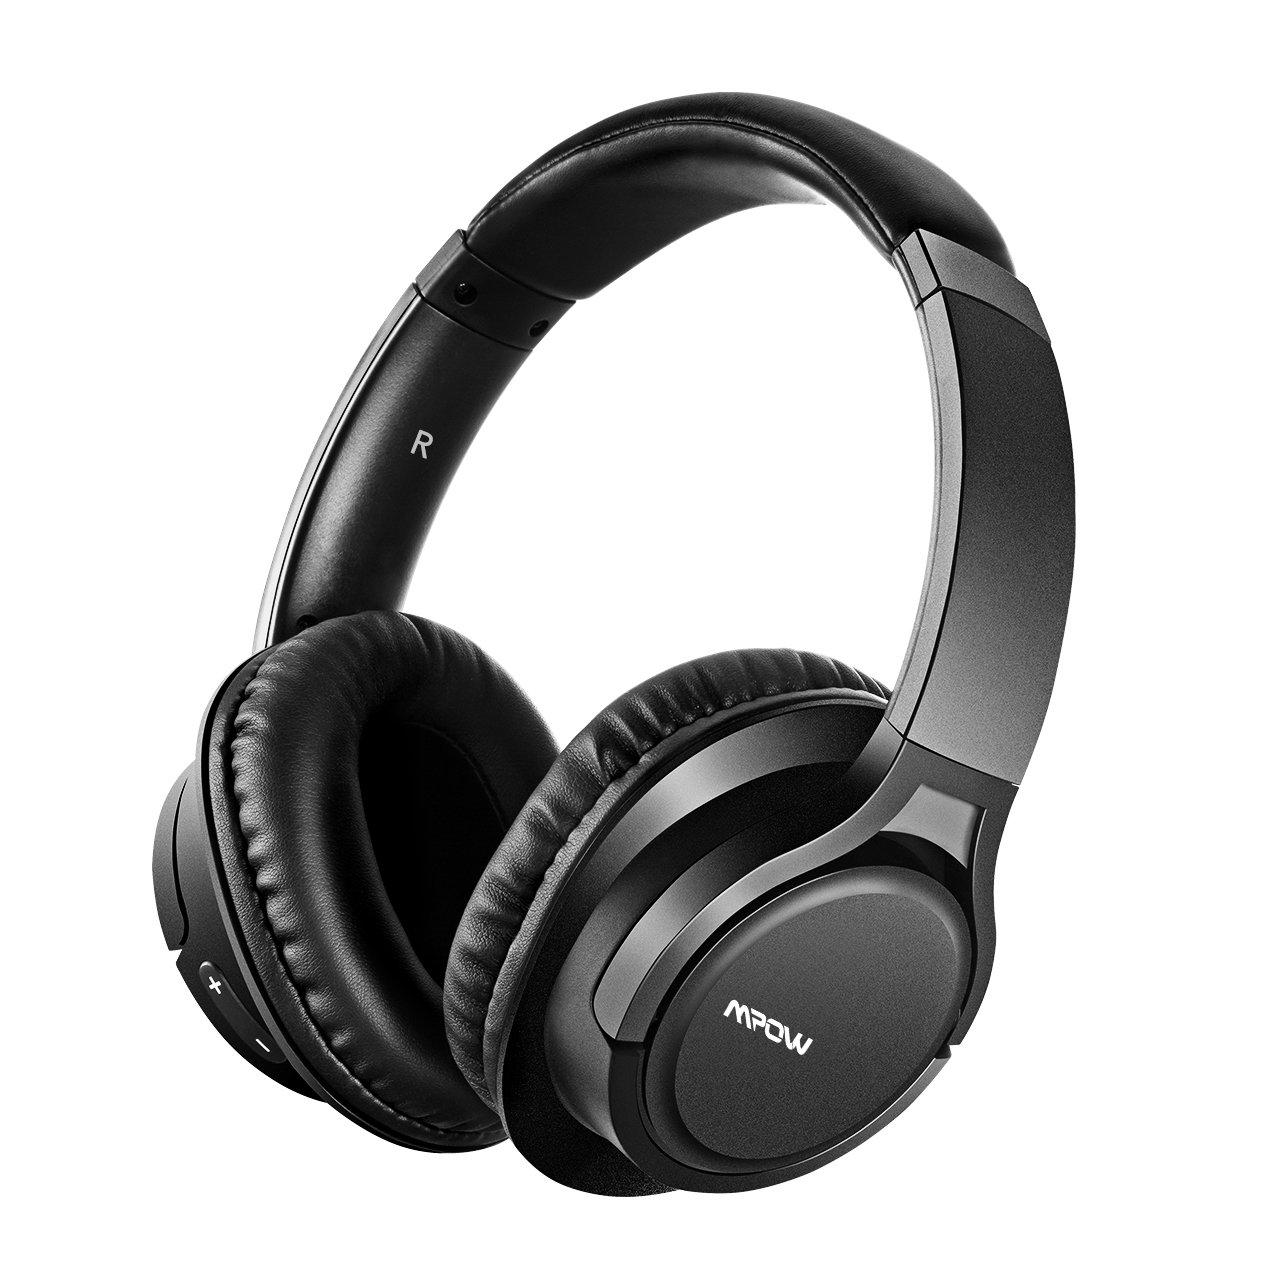 Mpow H7 Cascos Bluetooth, 1.2m Cable de Audio de 3.5mm, 13hrs de Reproduccion, 15hrs de Conversación, Auriculares de Diadema Inalámbrico con Micrófono, Cojines de Oído con Memoria y Proteína para Celular / Tablets / PC / TV